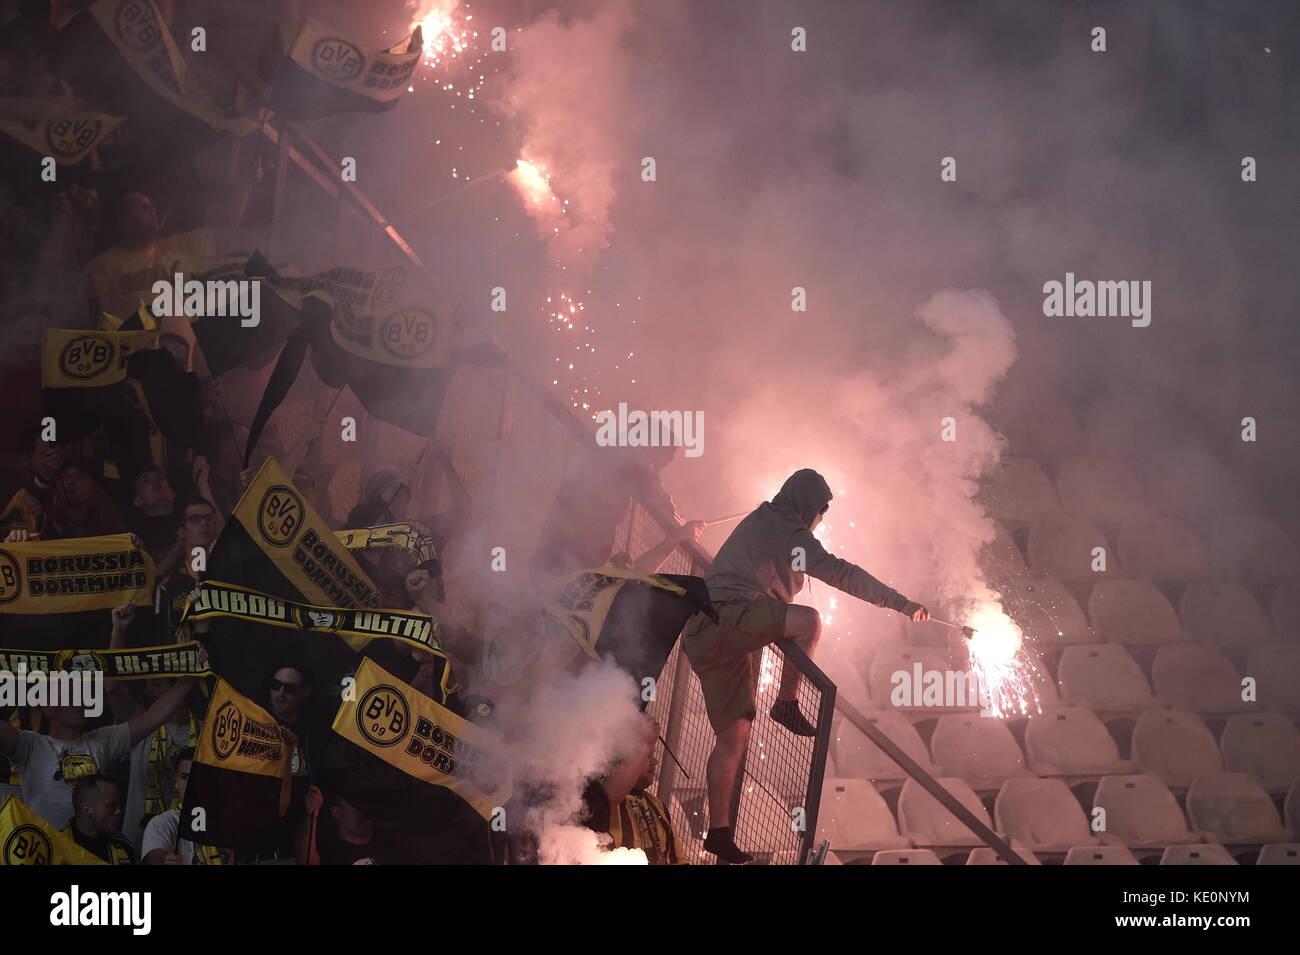 Nicósia, Chipre. 17 Oct, 2017. dortmund fãs fogos de artifício de luz nos stands durante as fases Imagens de Stock